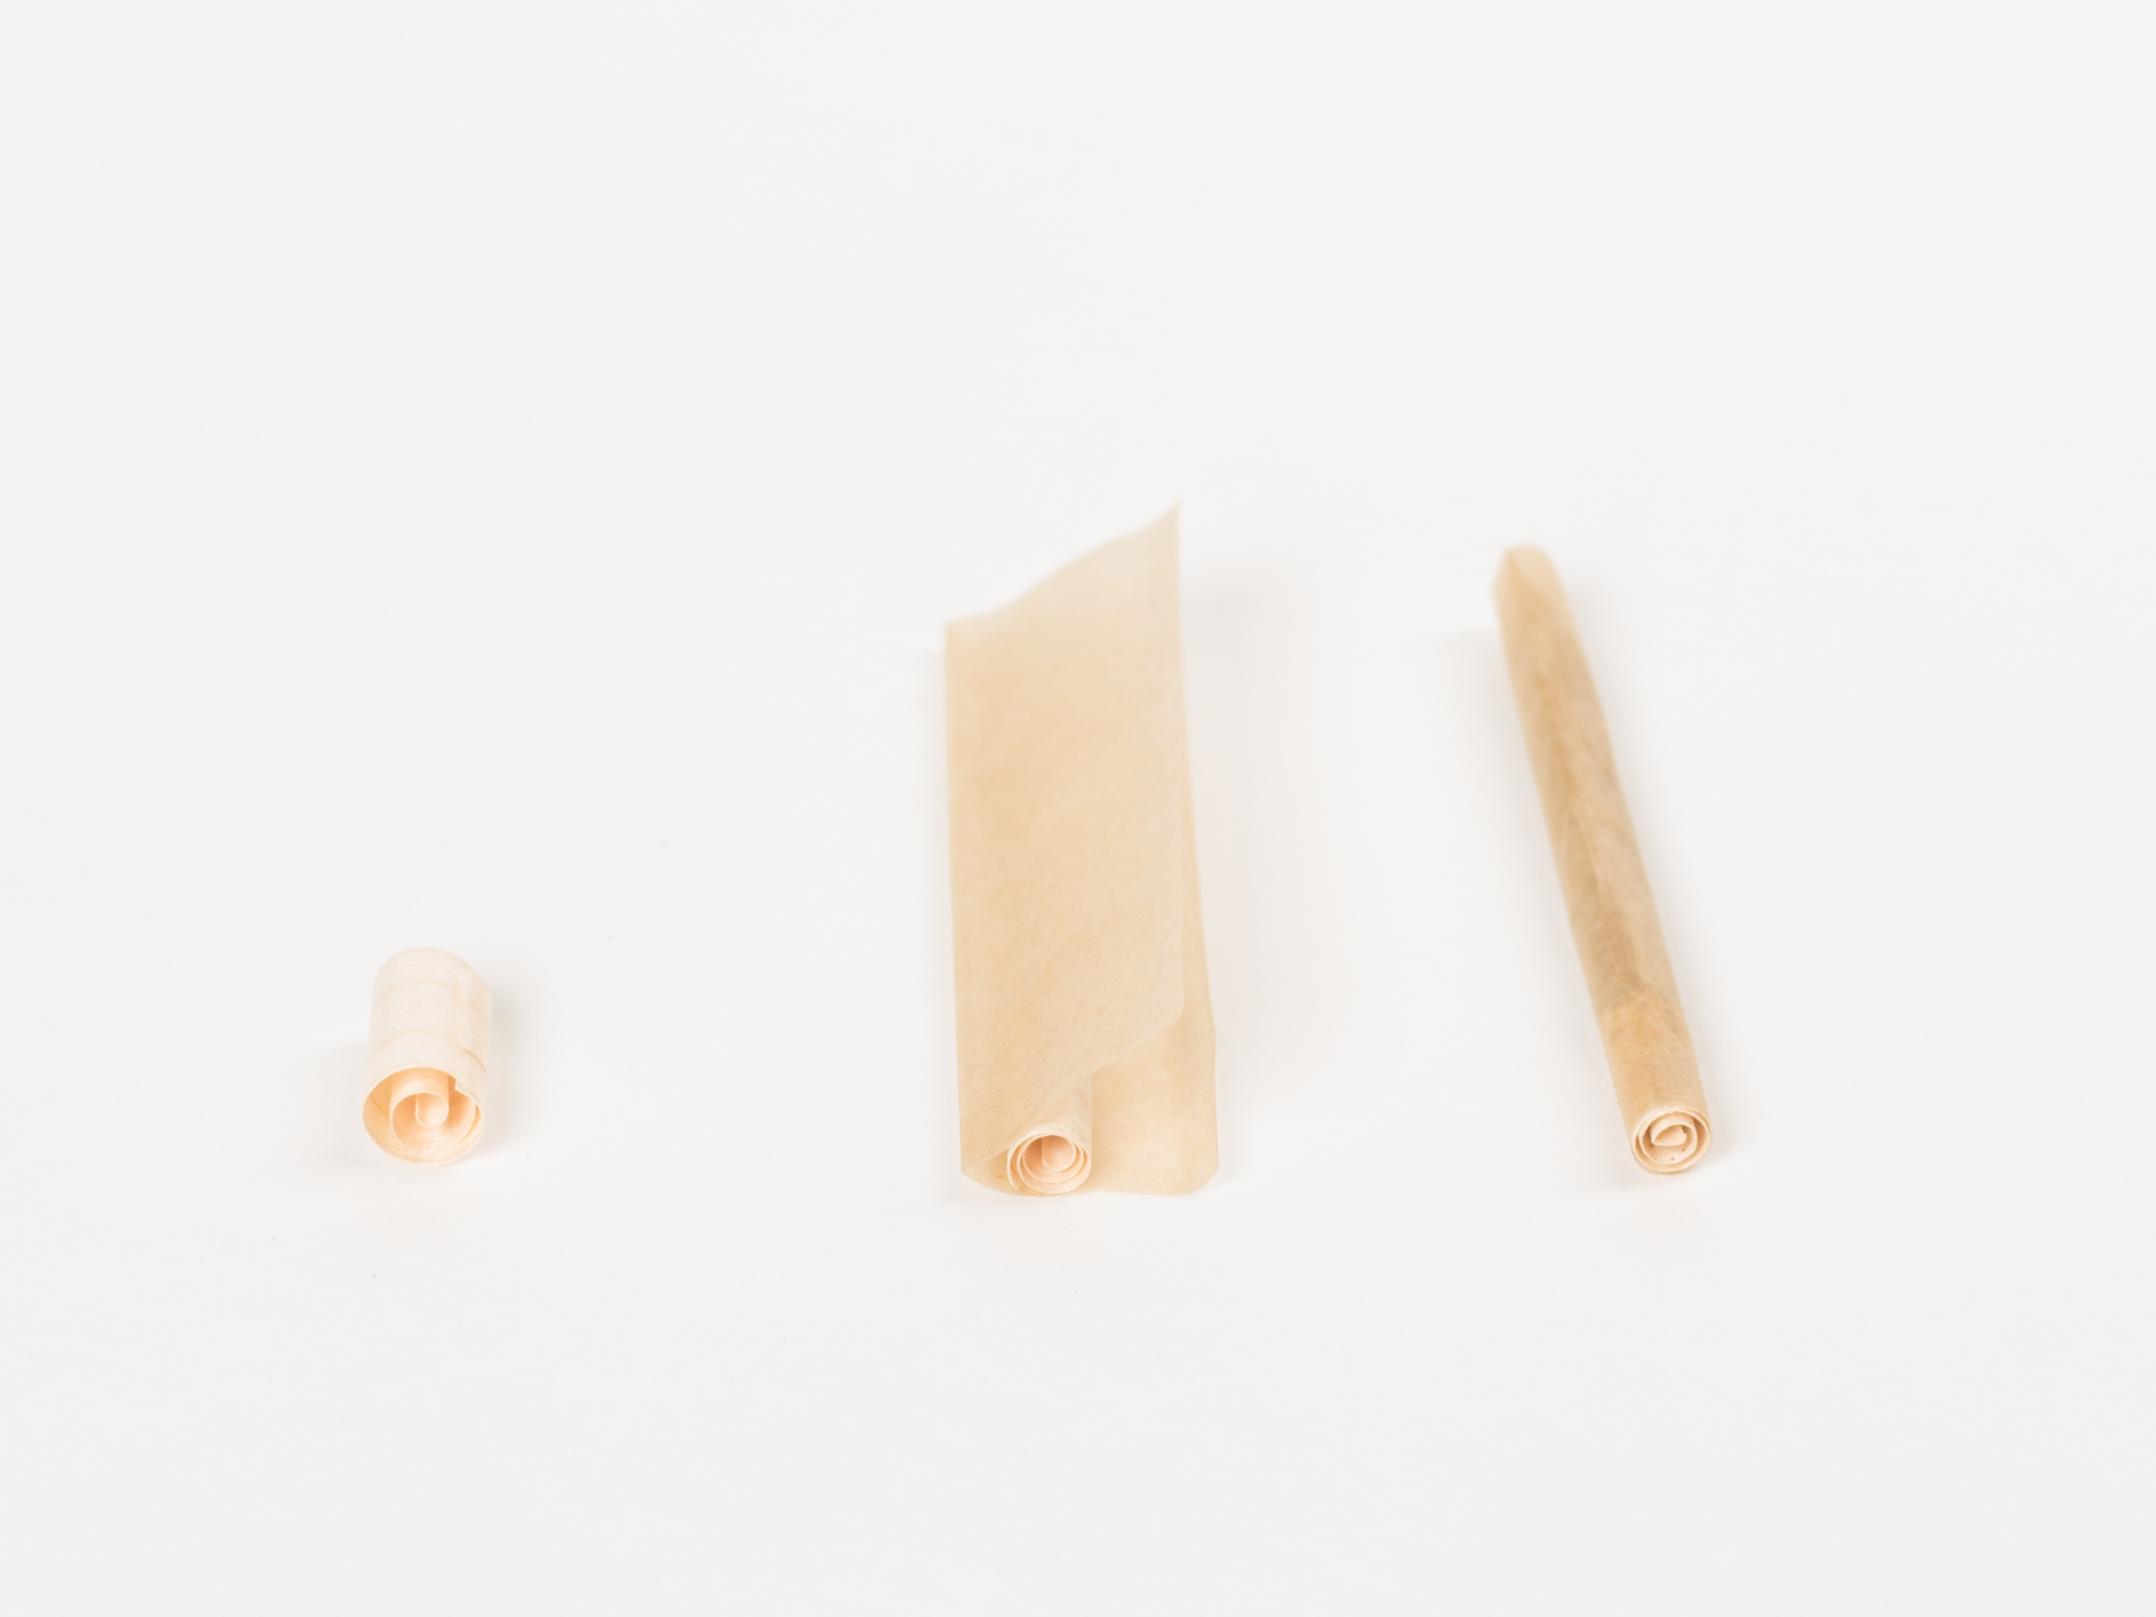 wood filters sfw-1621.jpg